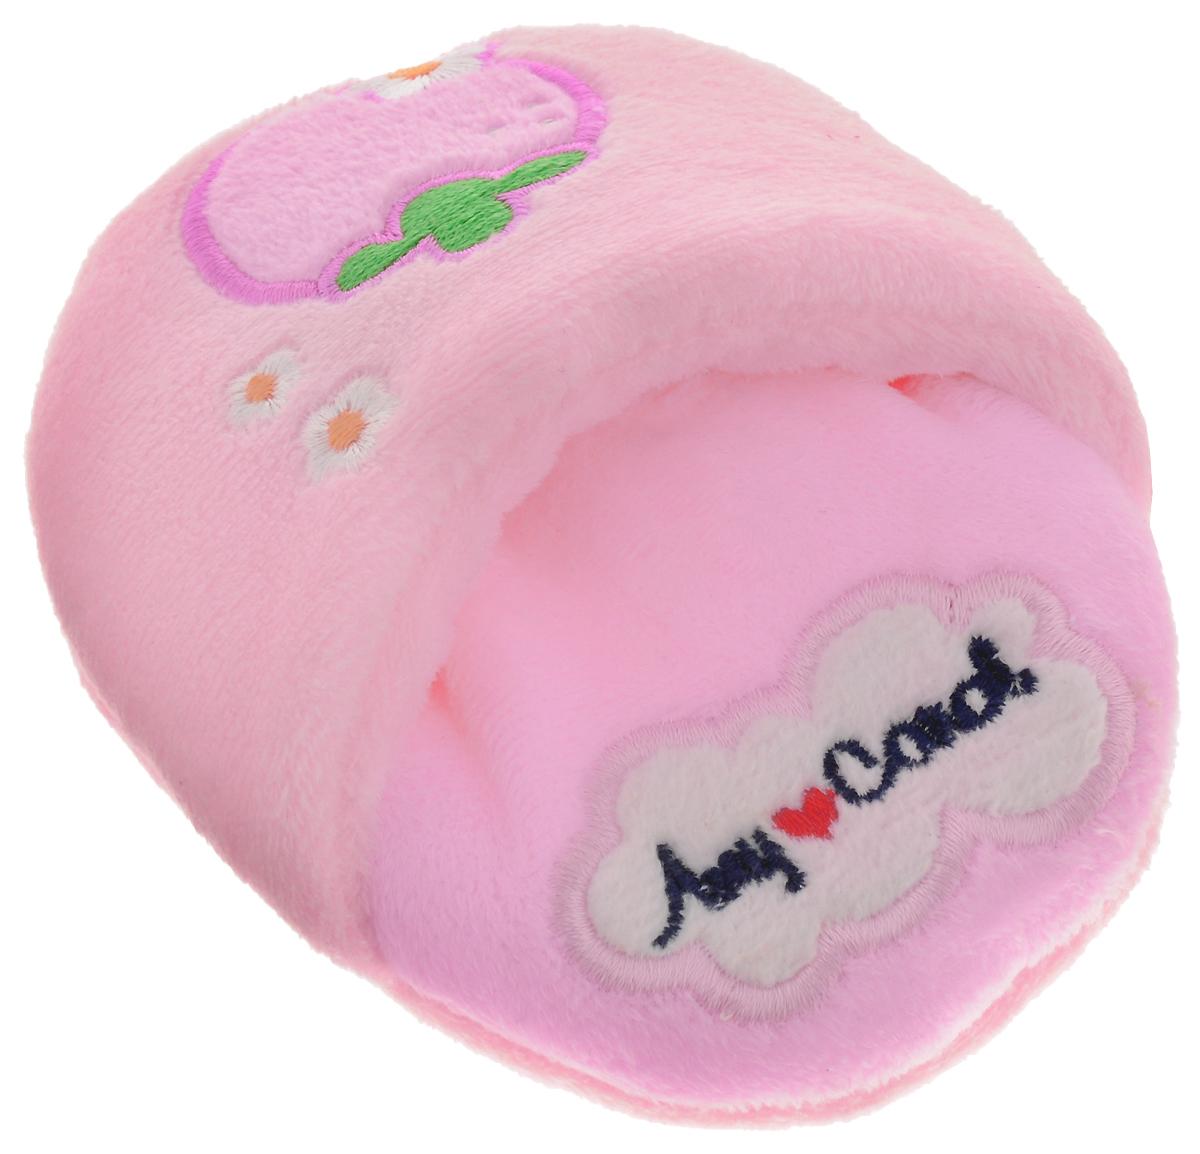 Игрушка для животных Camon Тапочки, с пищалкой, цвет: розовый, 12 х 10 х 3 смAH405/C_розовыйИгрушка для животных Camon Тапочки изготовлена из искусственного меха с наполнителем из синтепона. Внутри игрушки - пищалка. Такая игрушка не даст скучать вашему питомцу и займет его в ваше отсутствие.Размеры: 12 х 10 х 3 см.